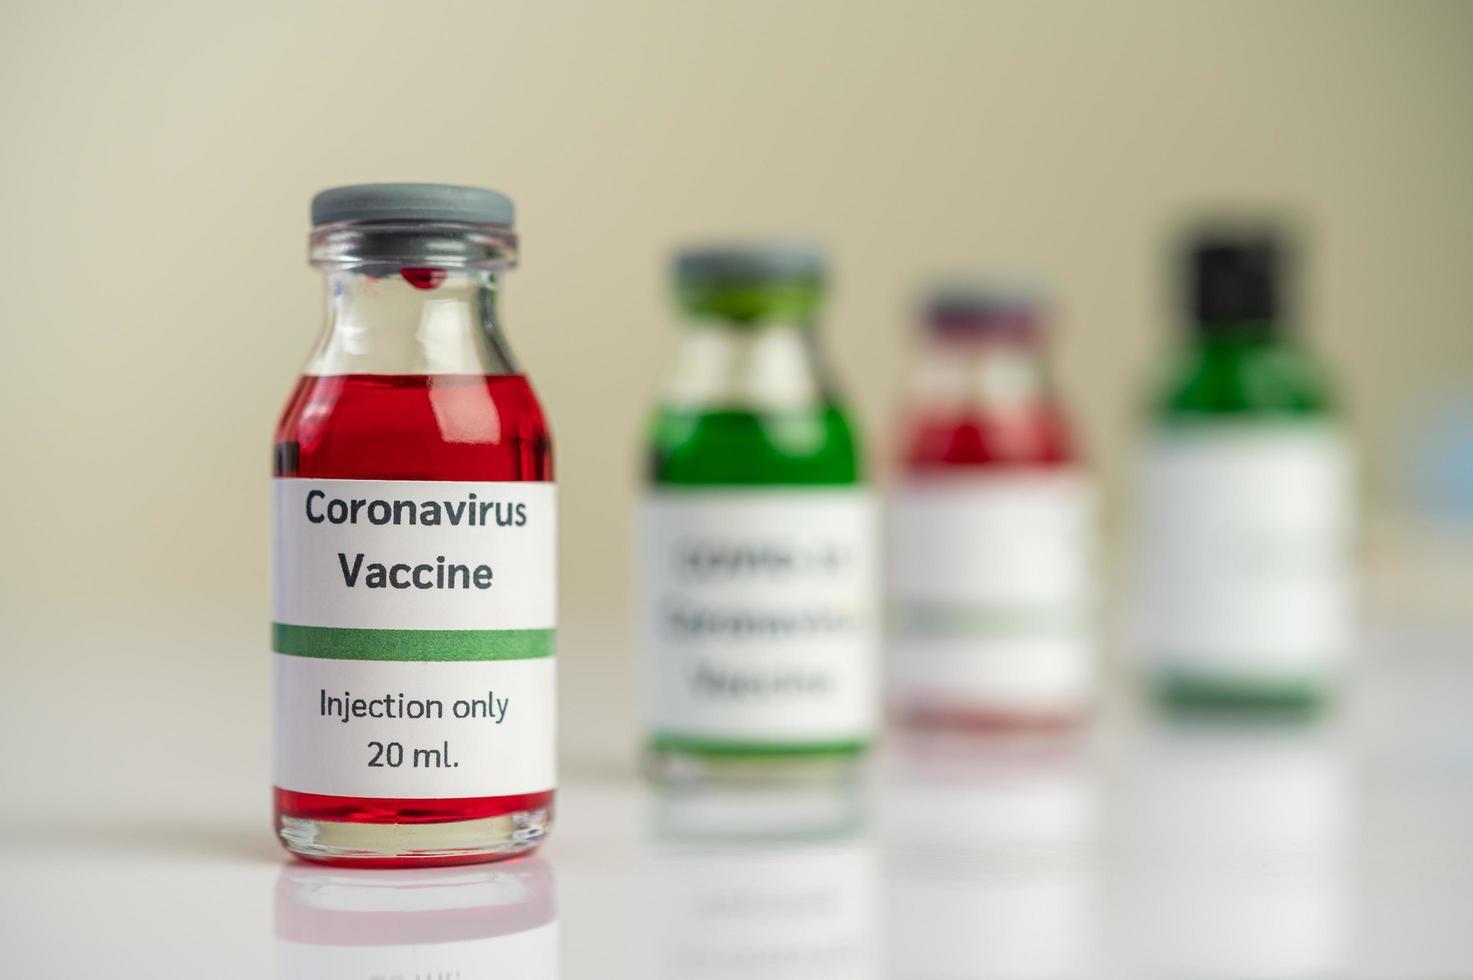 il vaccino contro il covid-19 in bottiglie rosse e verdi foto